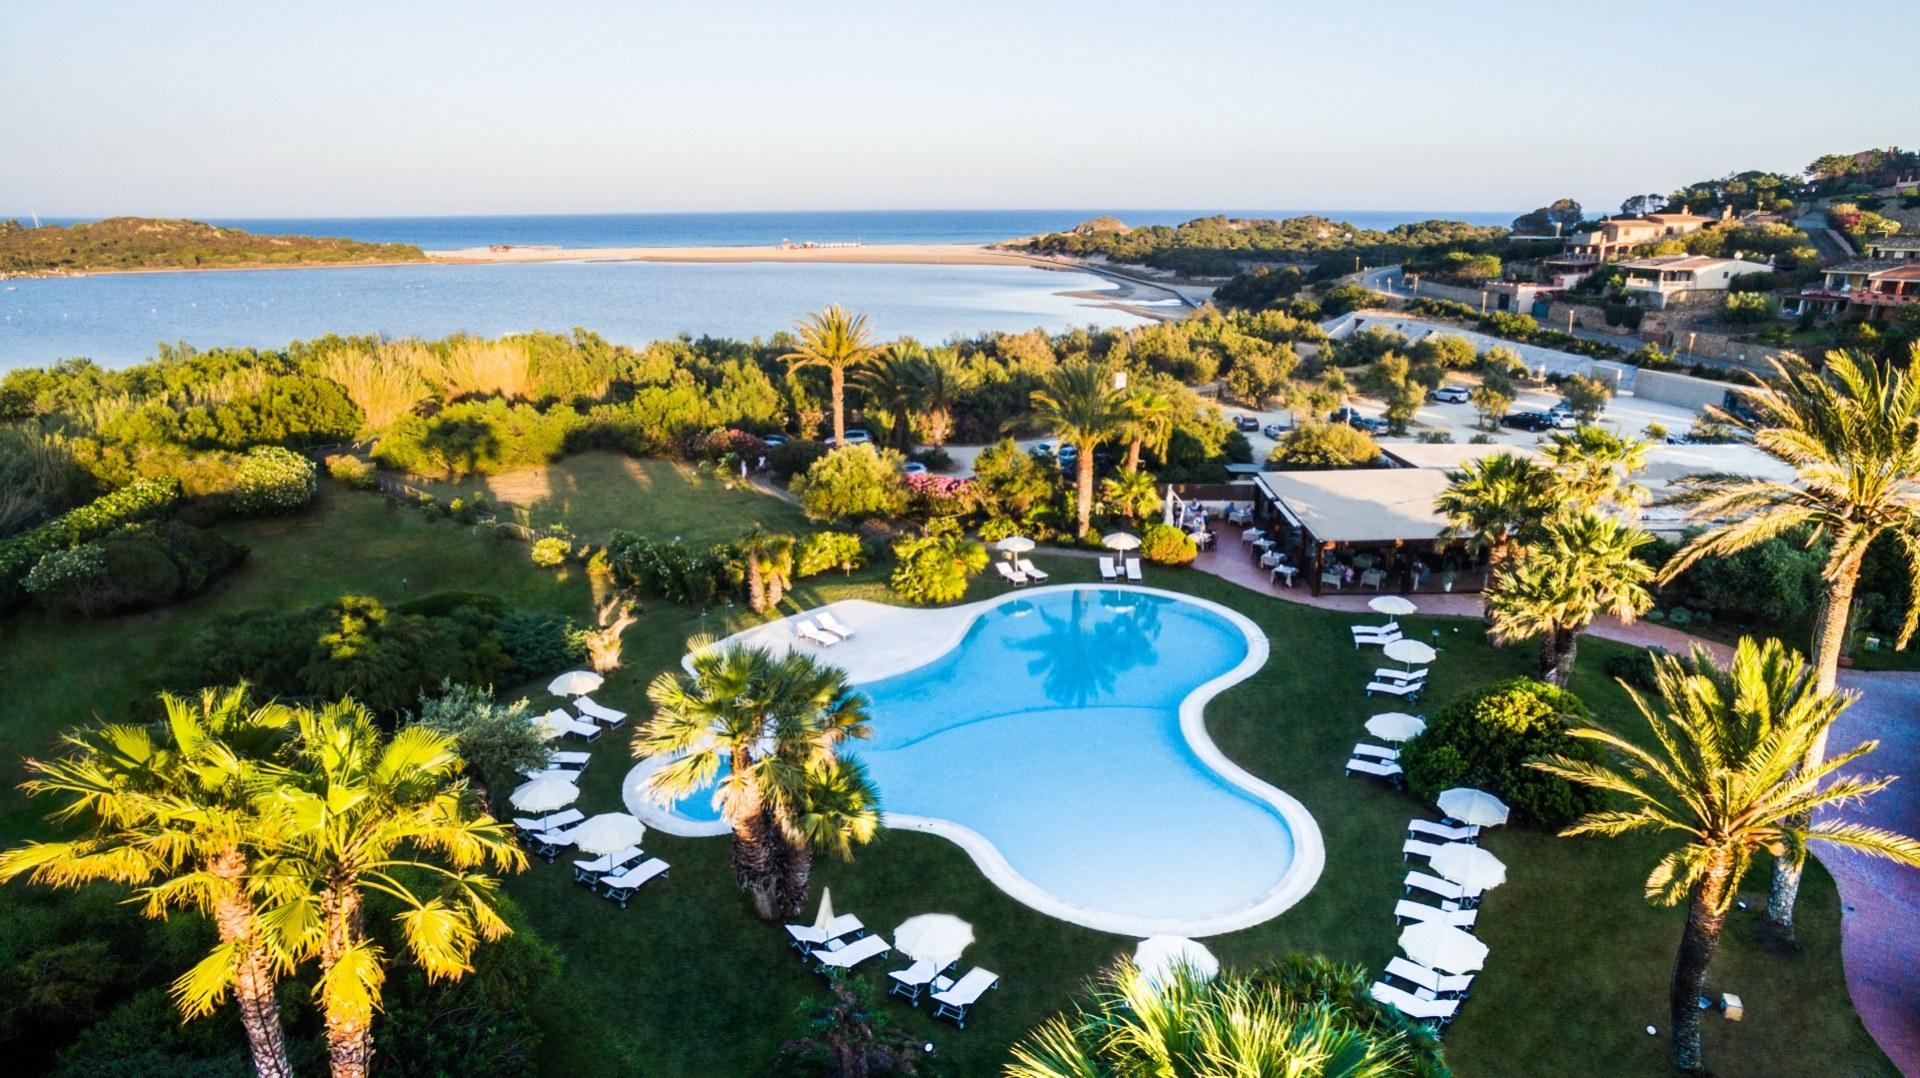 Luftansicht der Hotelanlage mit Pool